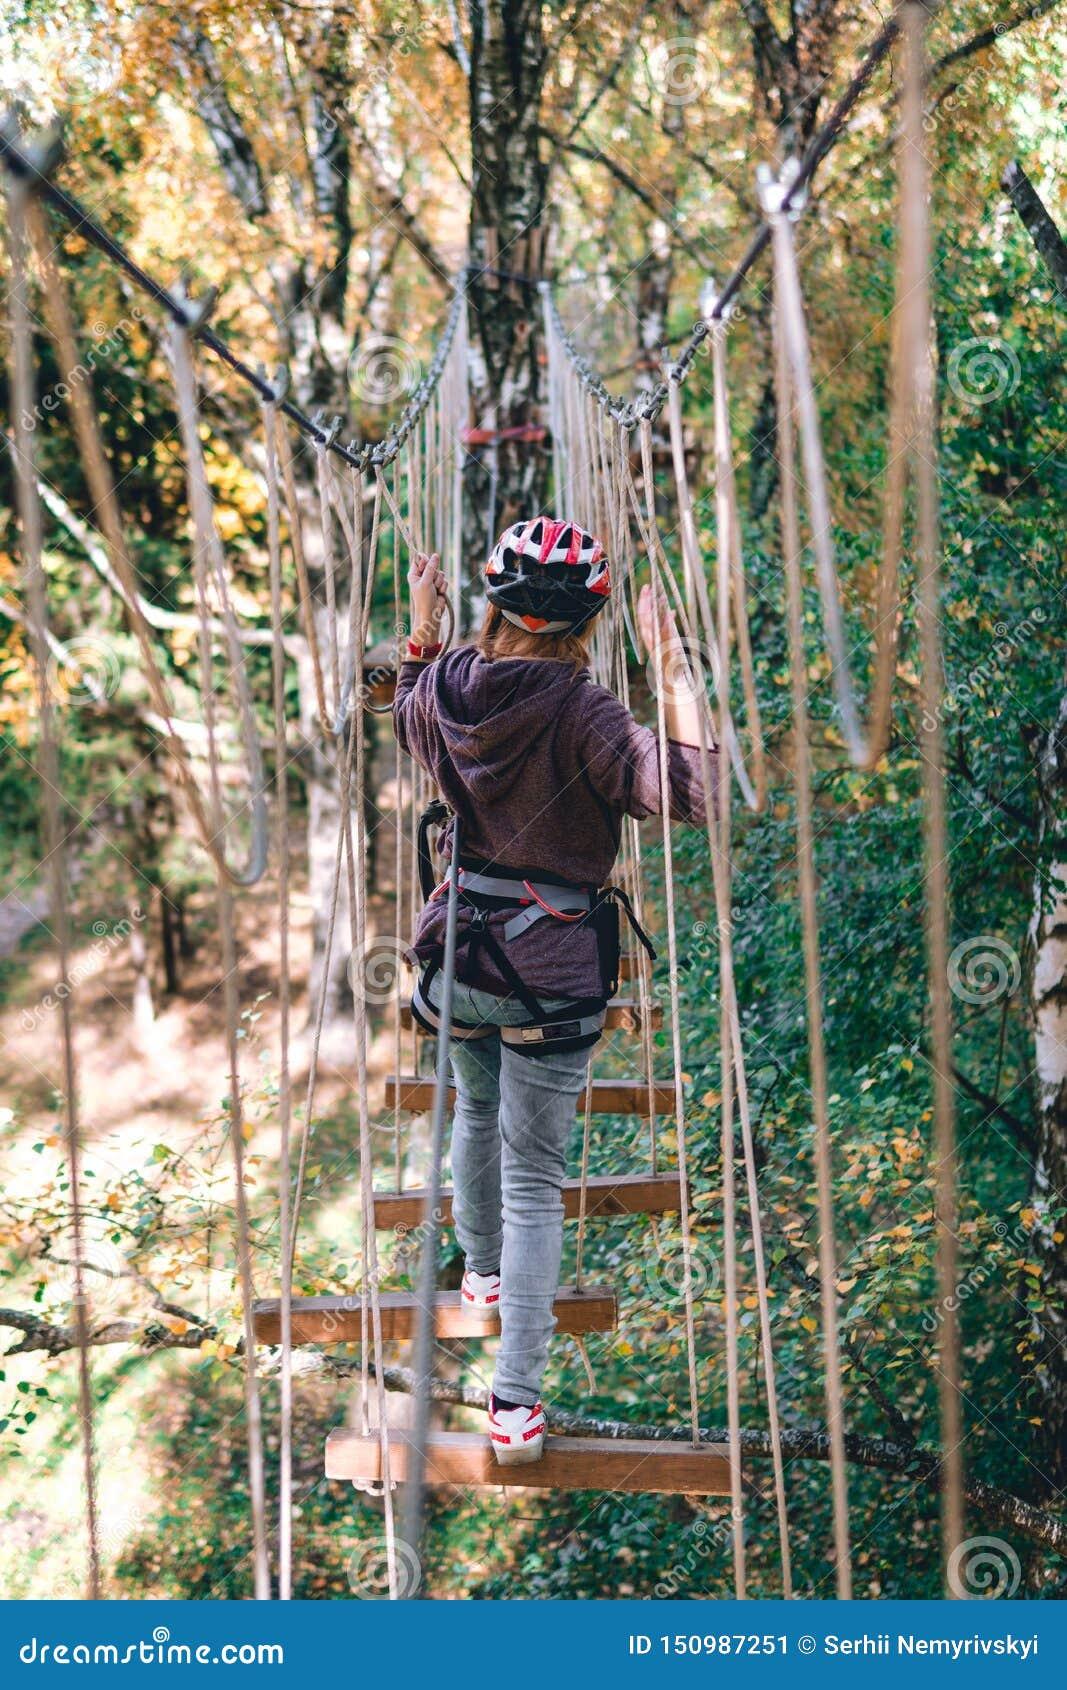 Den lyckliga flickan, kvinnor som klättrar kugghjulet i ett affärsföretag, parkerar kopplas in in vaggar klättringen på repvägen,